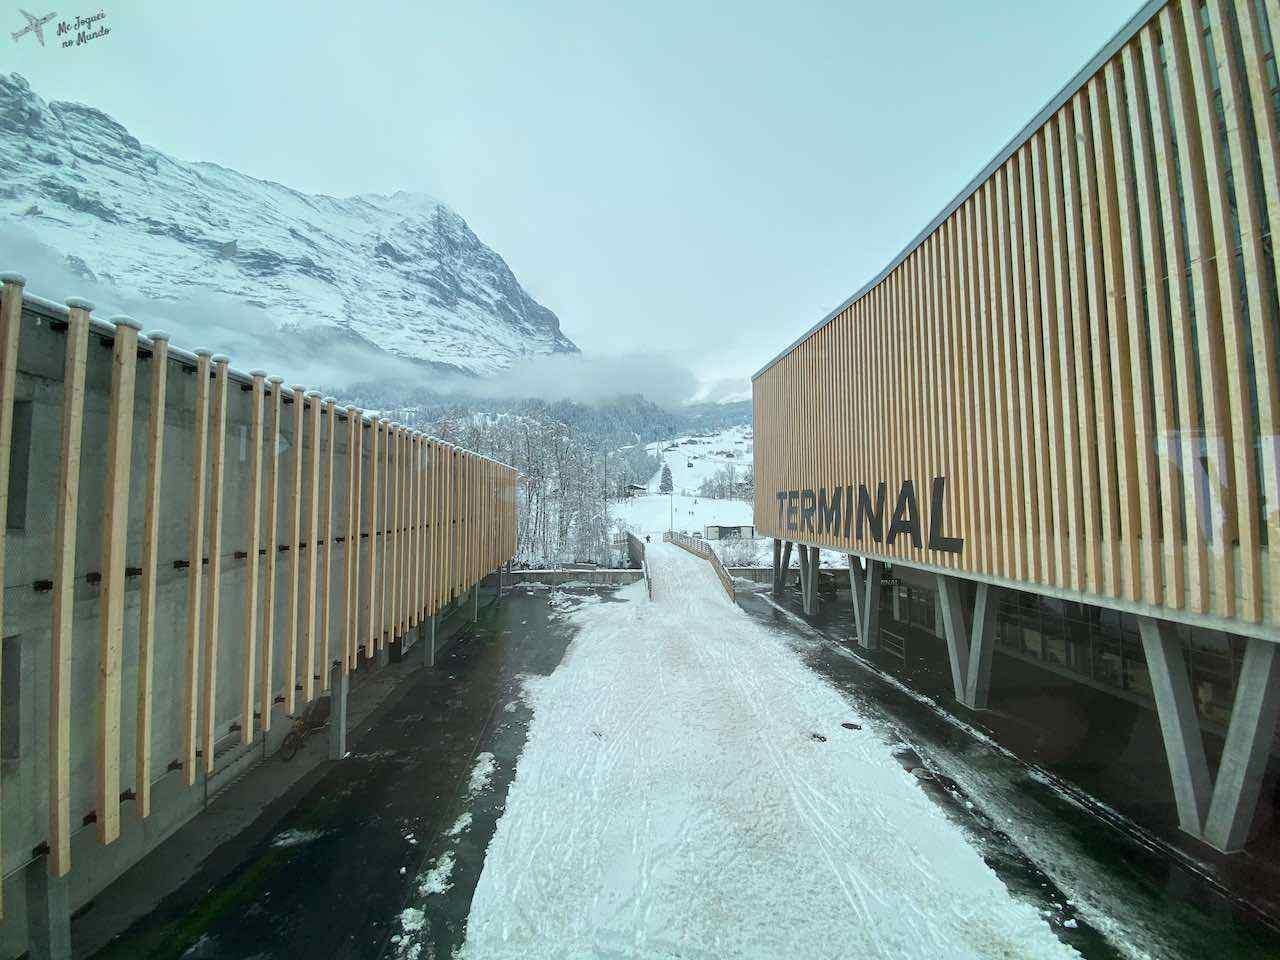 novo terminal em grindelwald